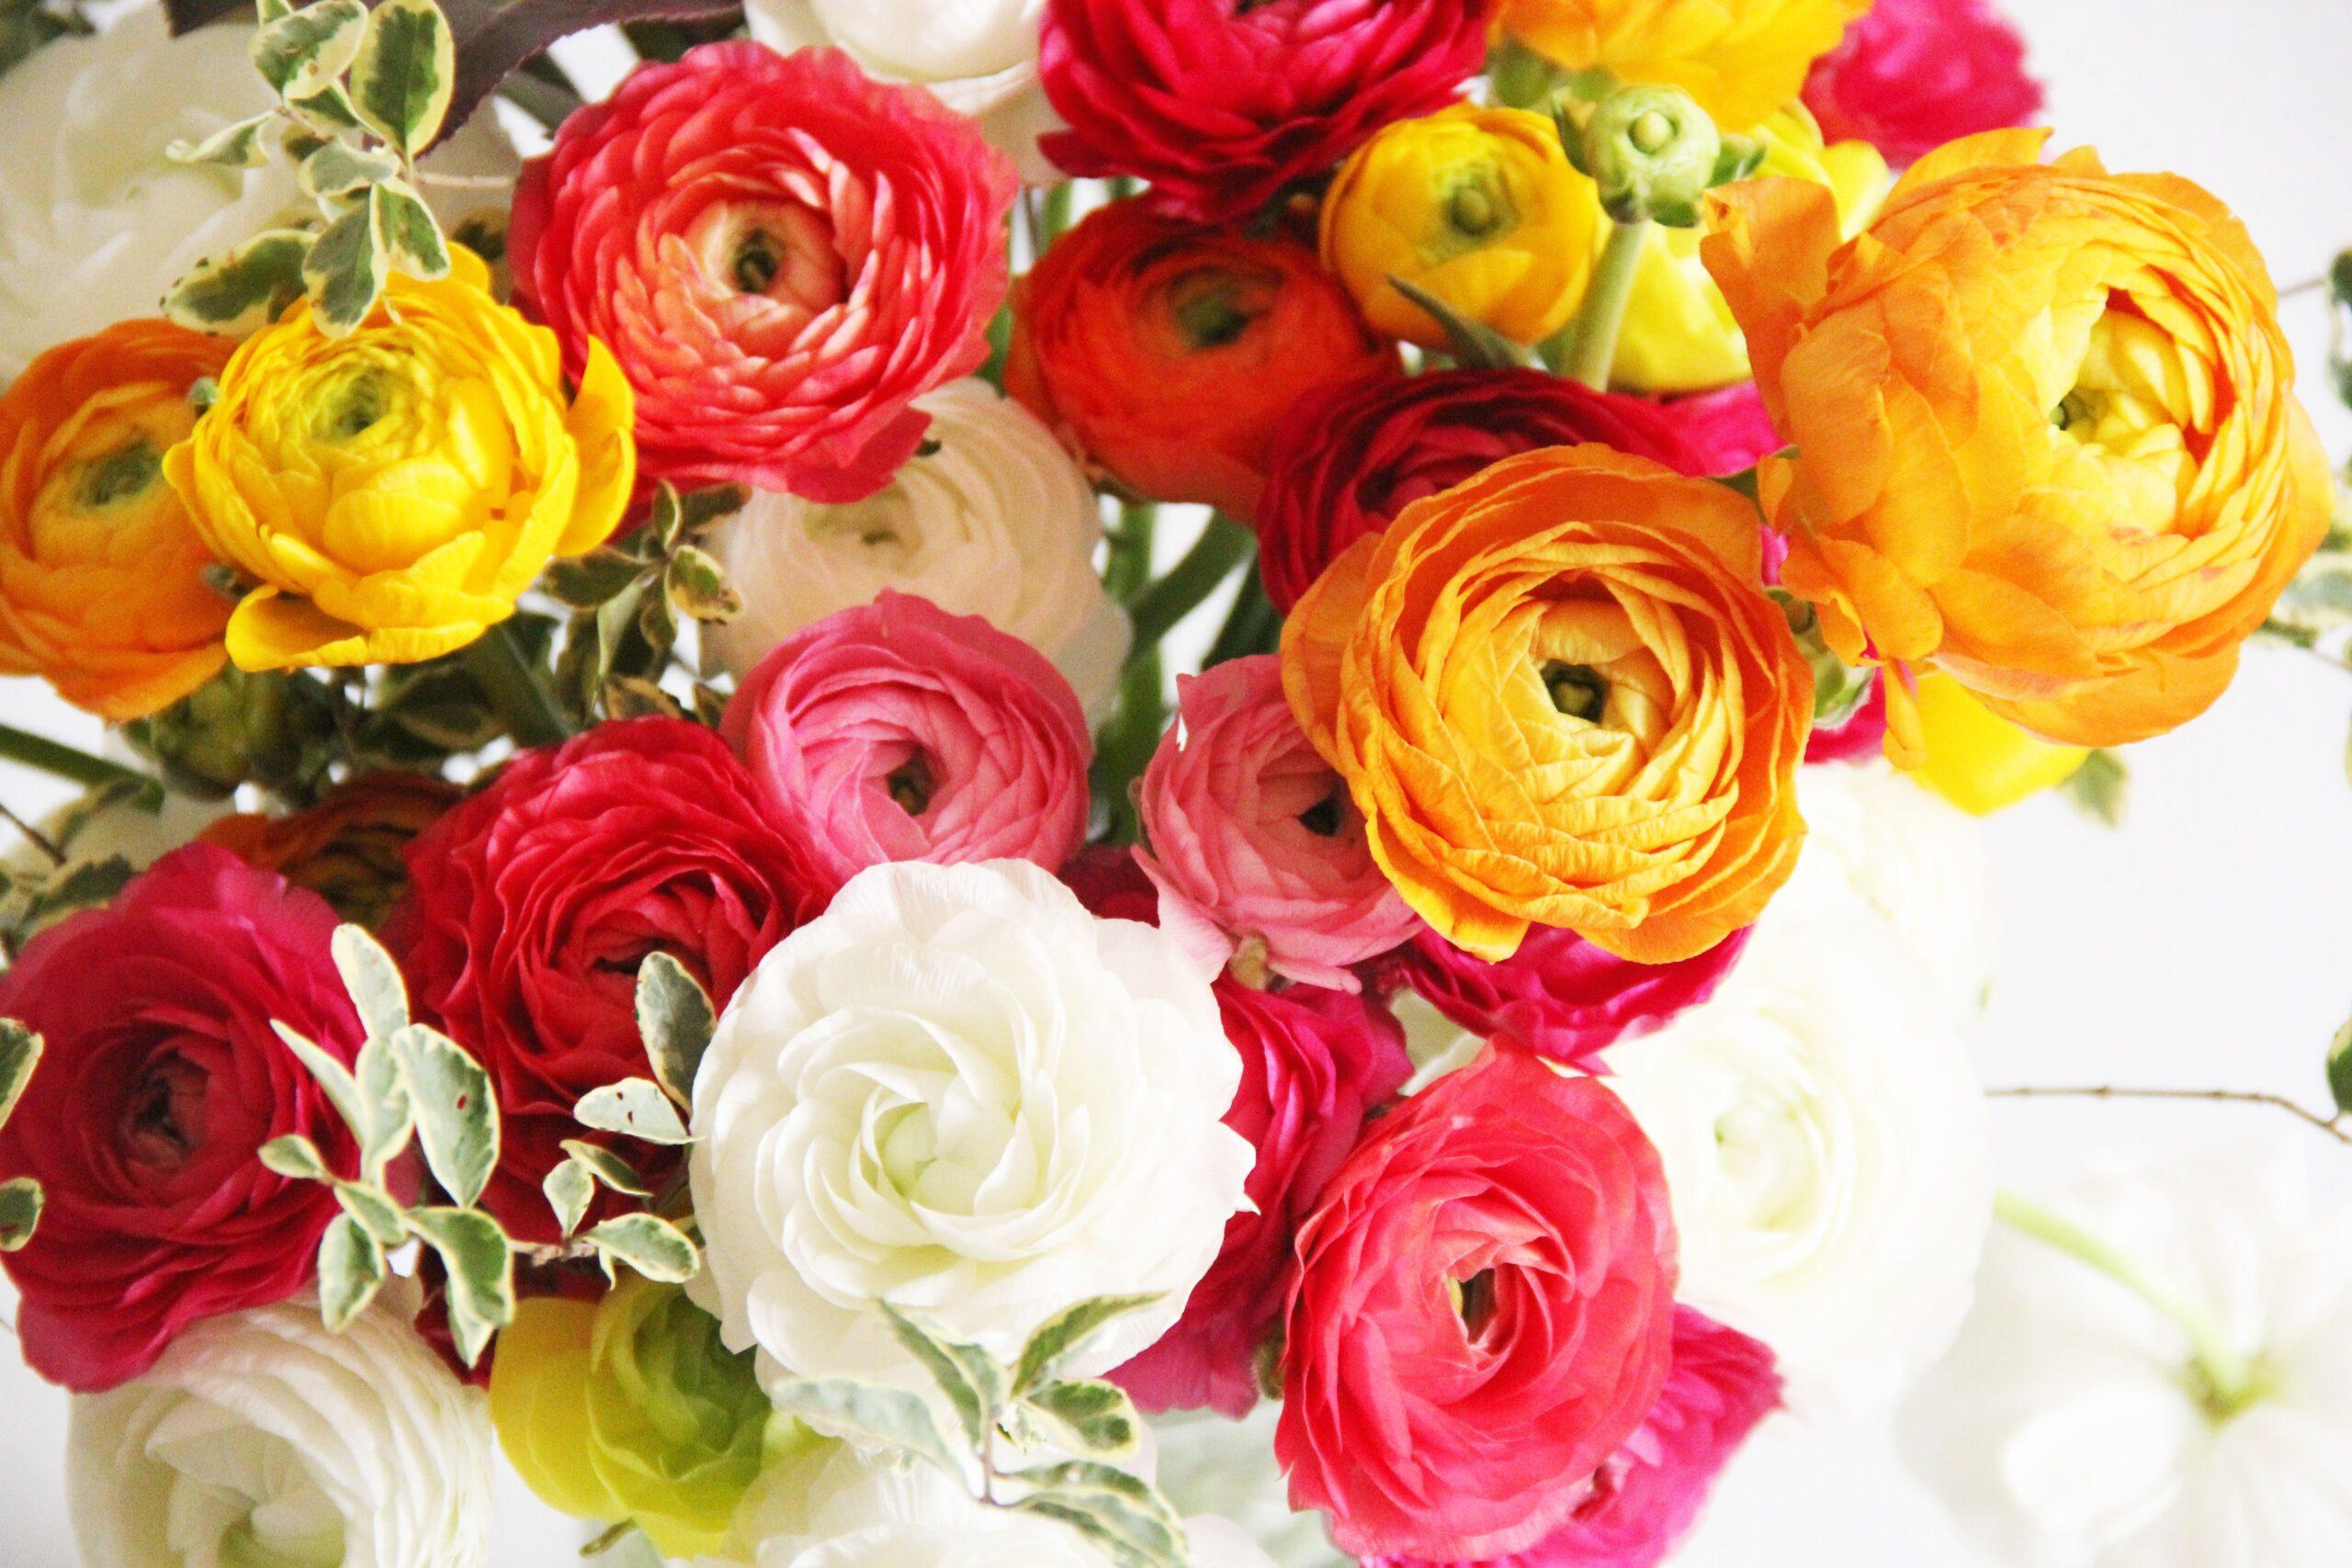 Hướng dẫn làm hoa mao lương bằng 2 loại giấy, mỹ thuật và nhún